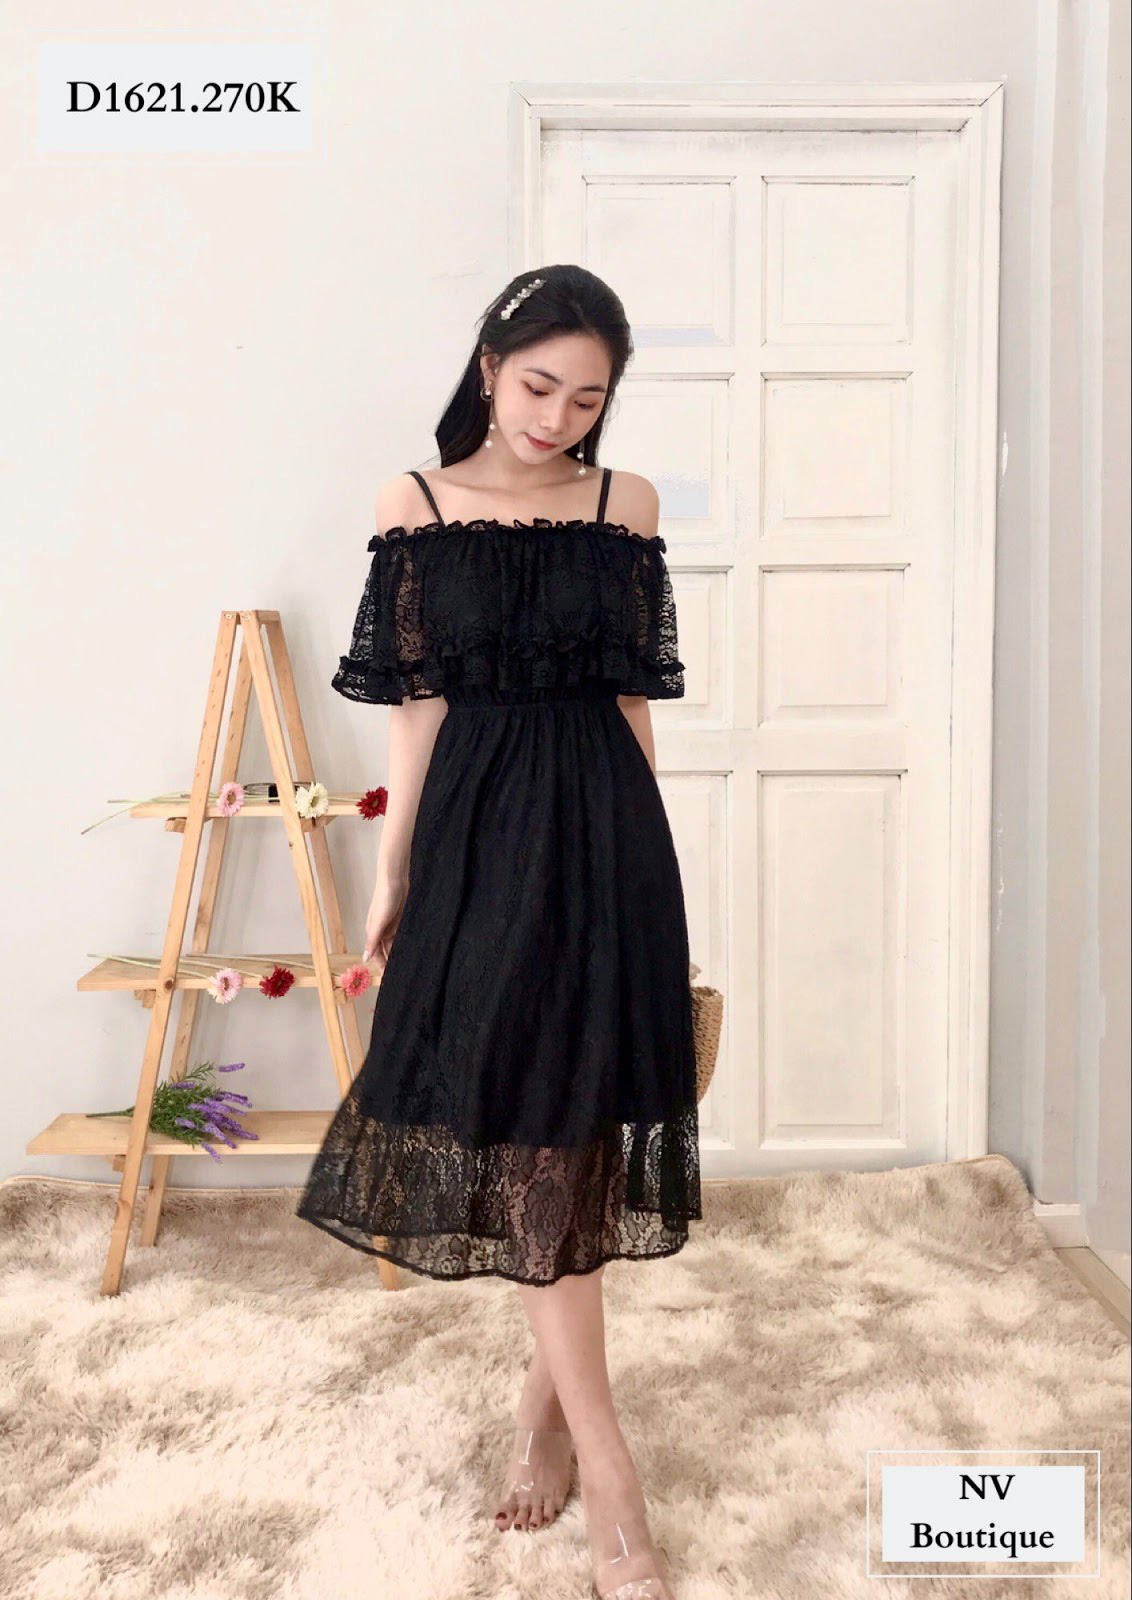 Nhật Vy Boutique - Thời trang cho nàng thanh lịch - Ảnh 4.